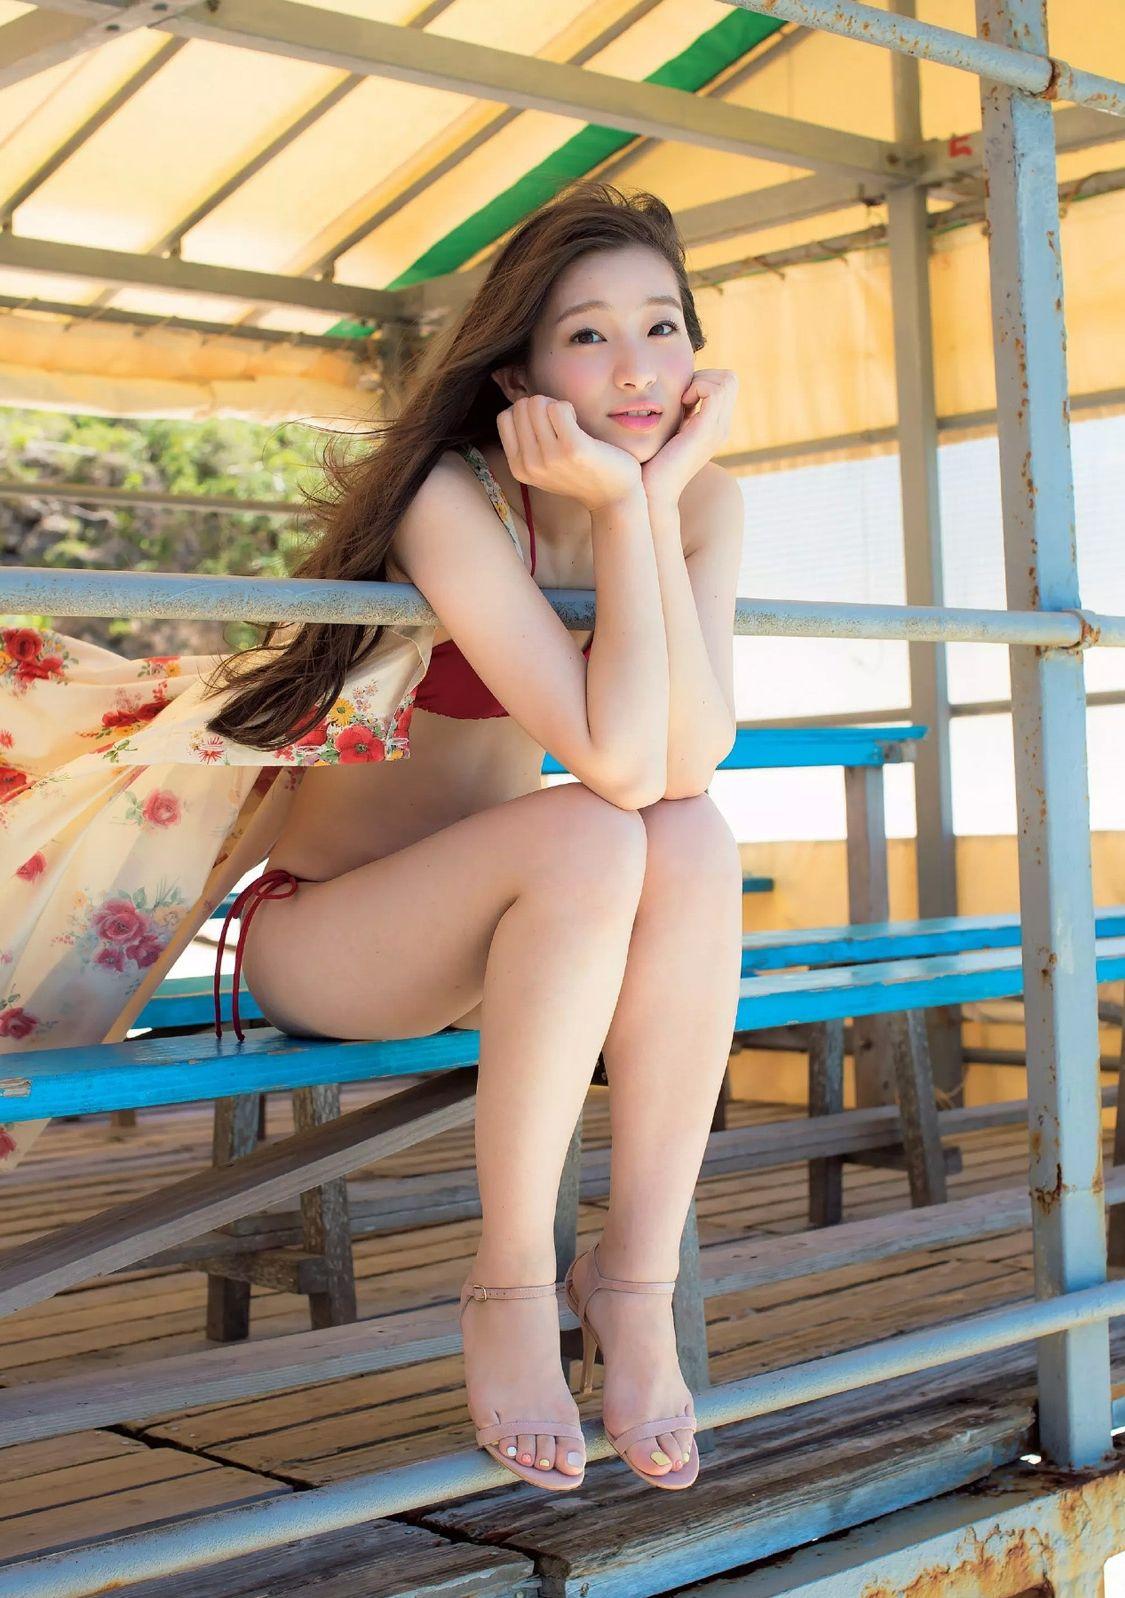 足立梨花(24)の最新セクシー下着姿&水着姿のエロ画像63枚・47枚目の画像